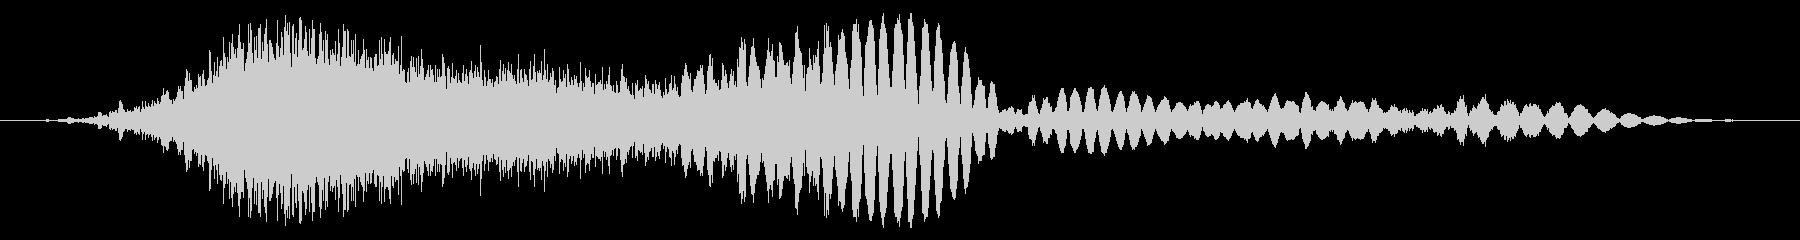 感電フーの未再生の波形